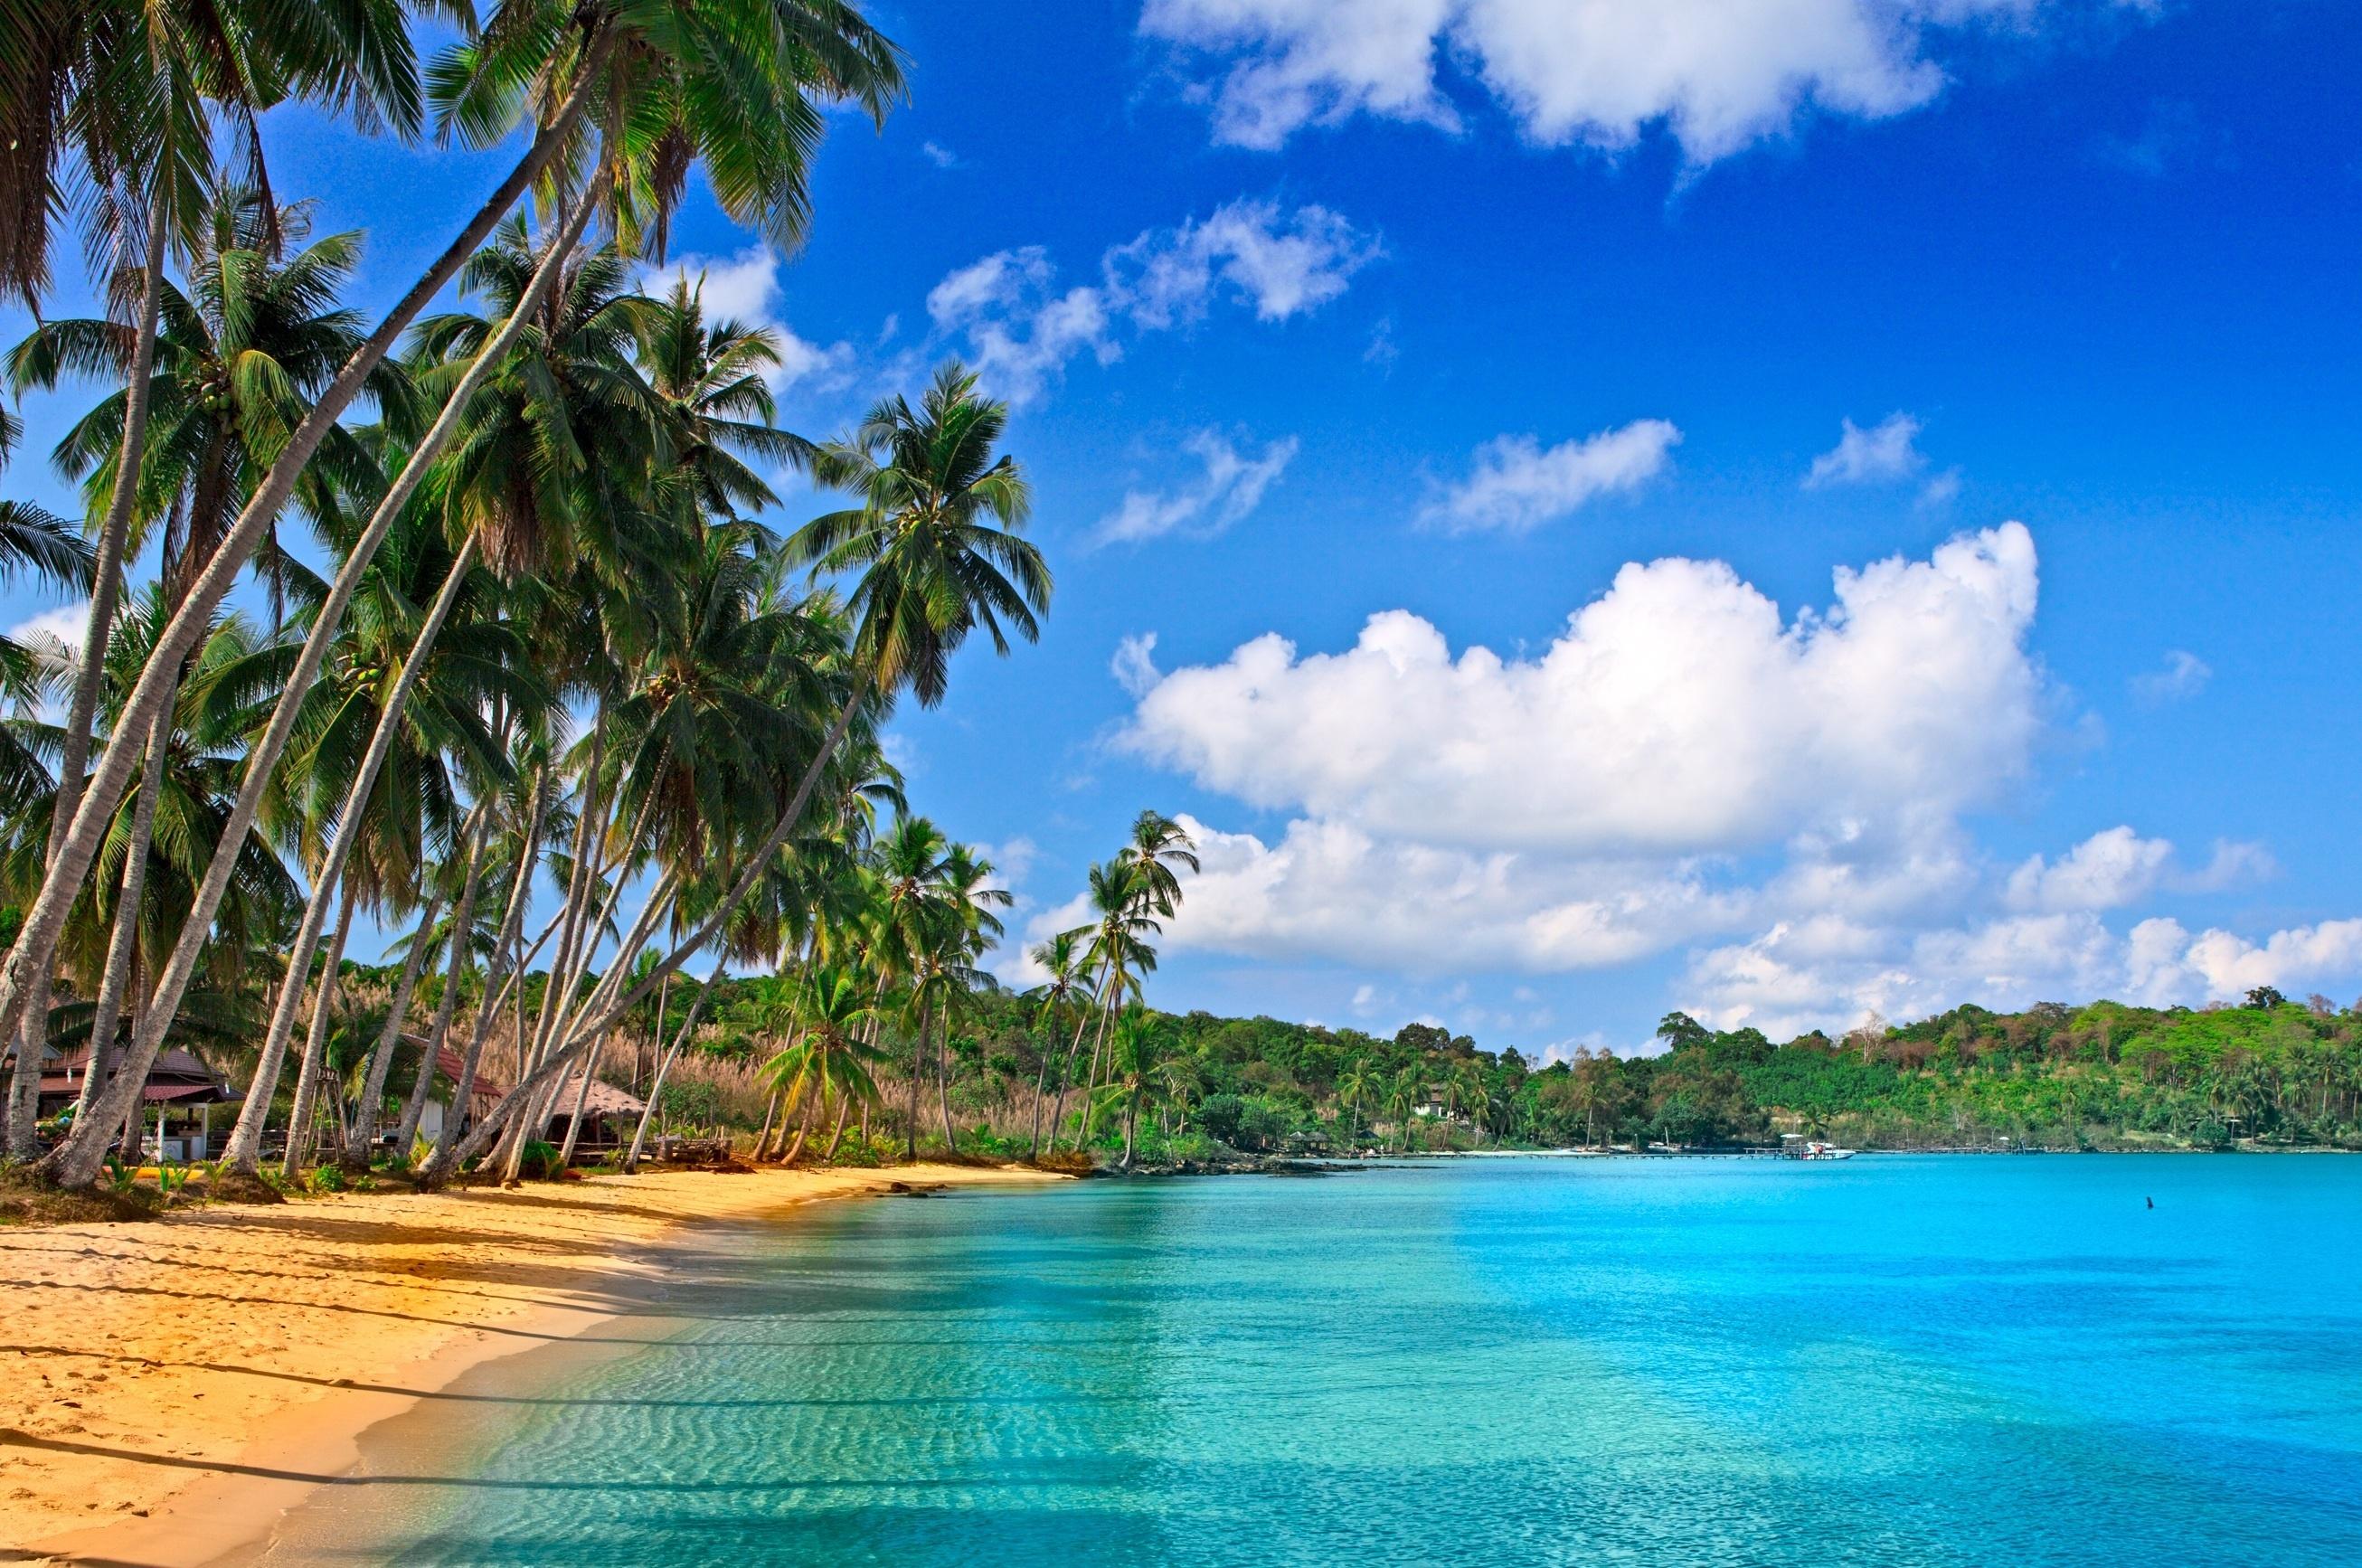 Море песок пляж пальмы  № 3897955 бесплатно